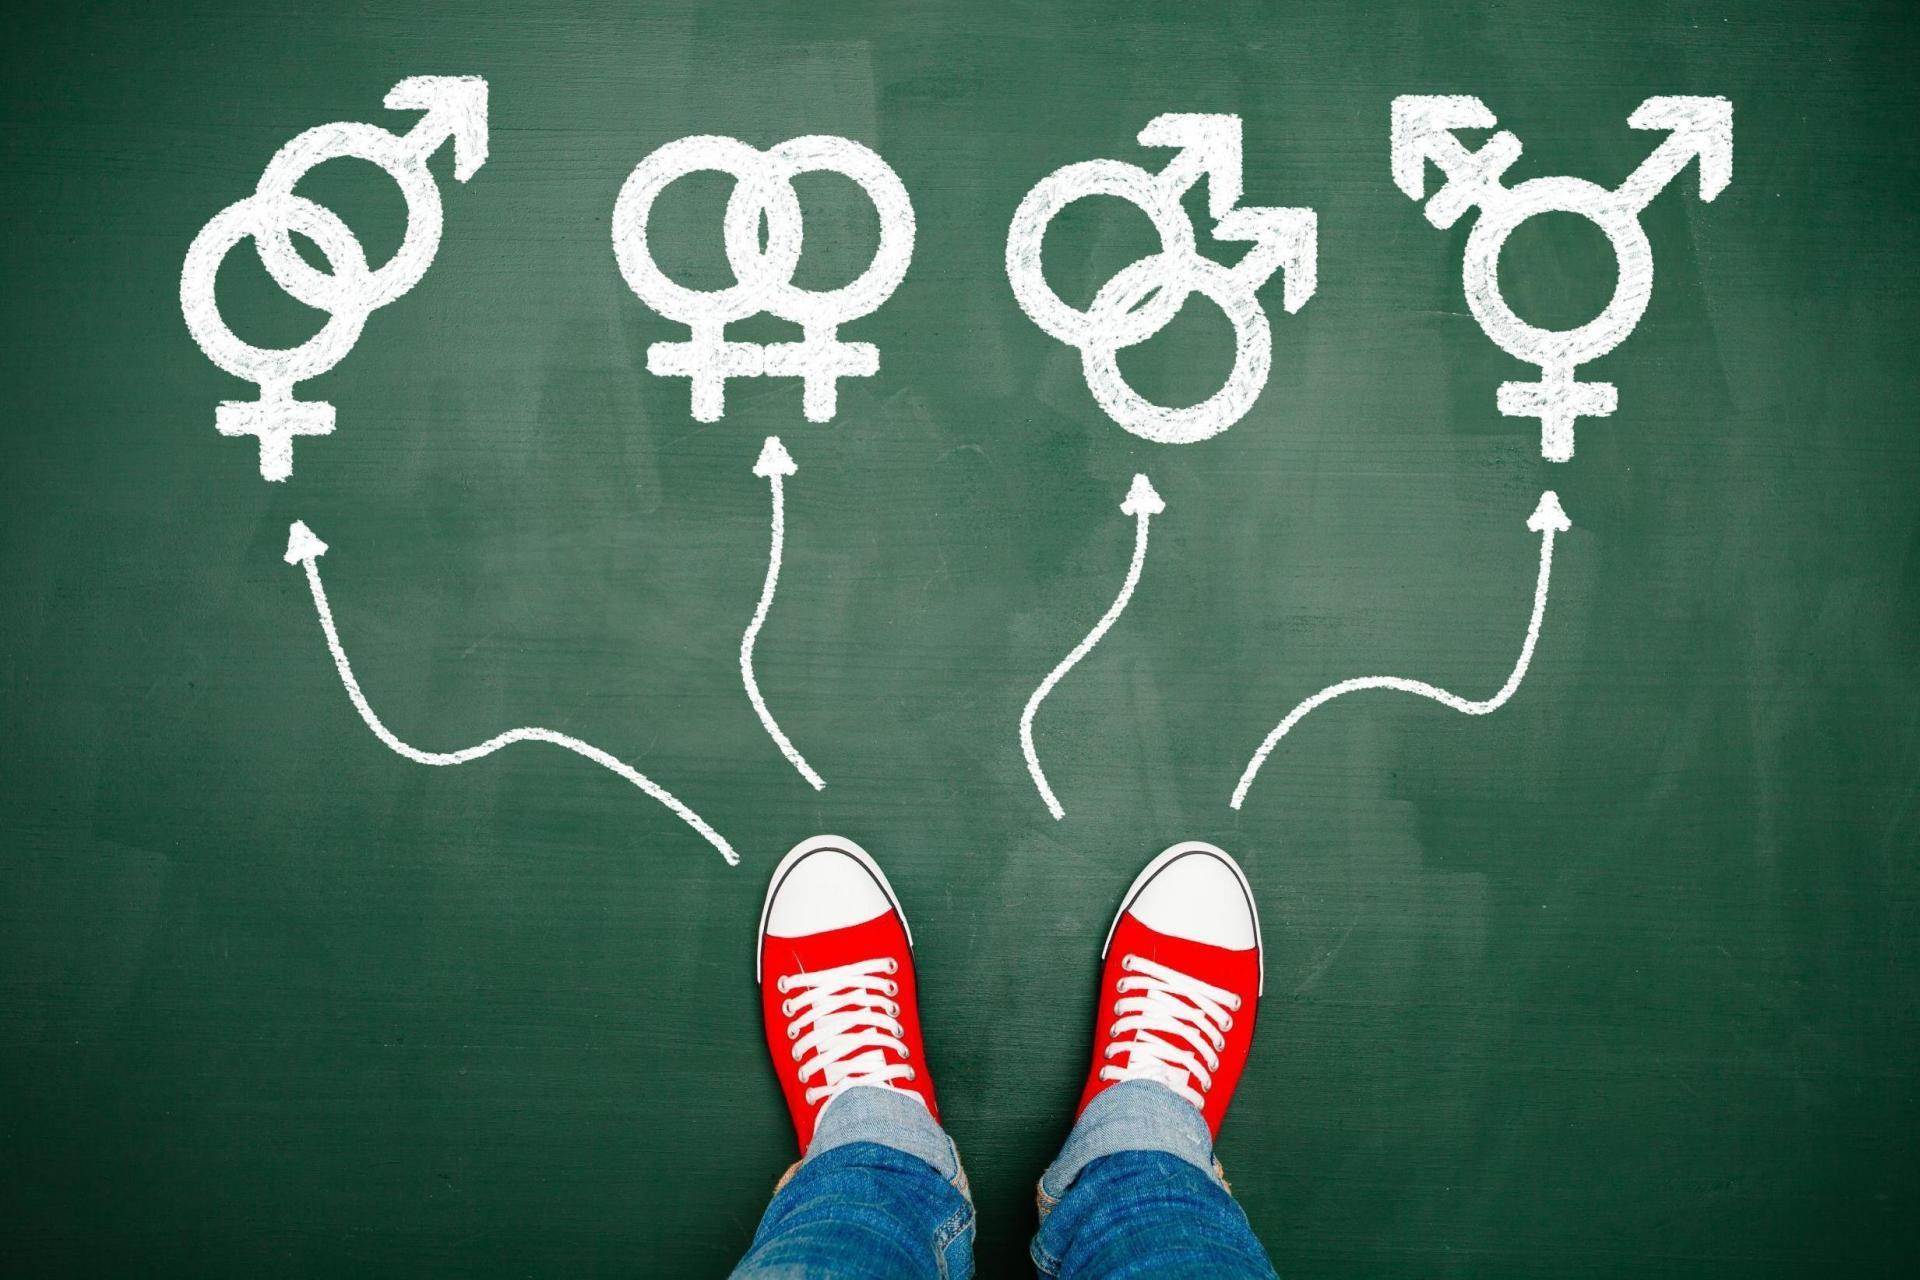 Educação sexual na escola: precisamos falar sobre isso